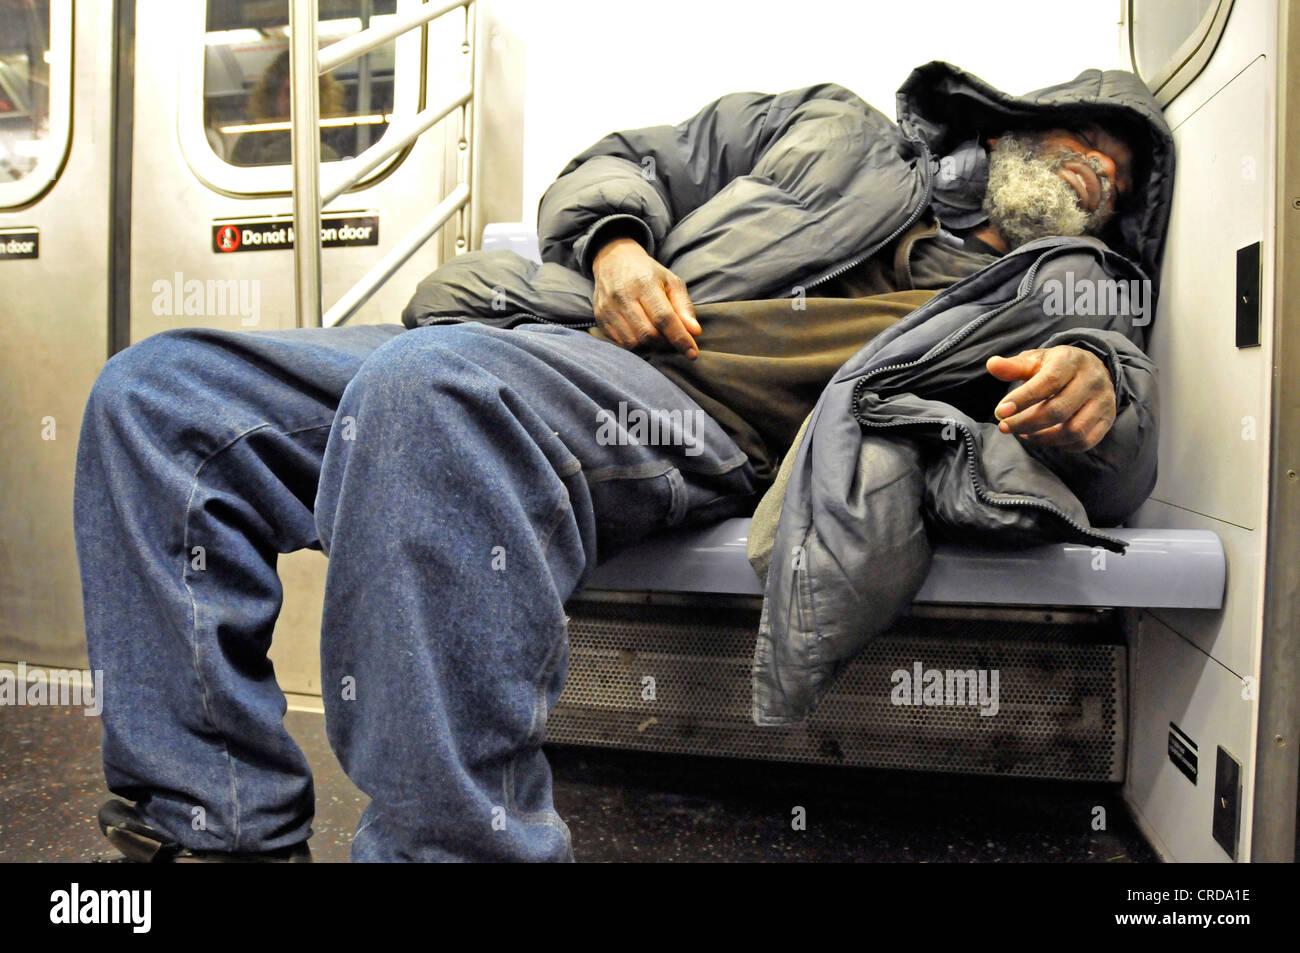 Les sans-abri dormant dans le métro, USA, New York, Manhattan Photo Stock